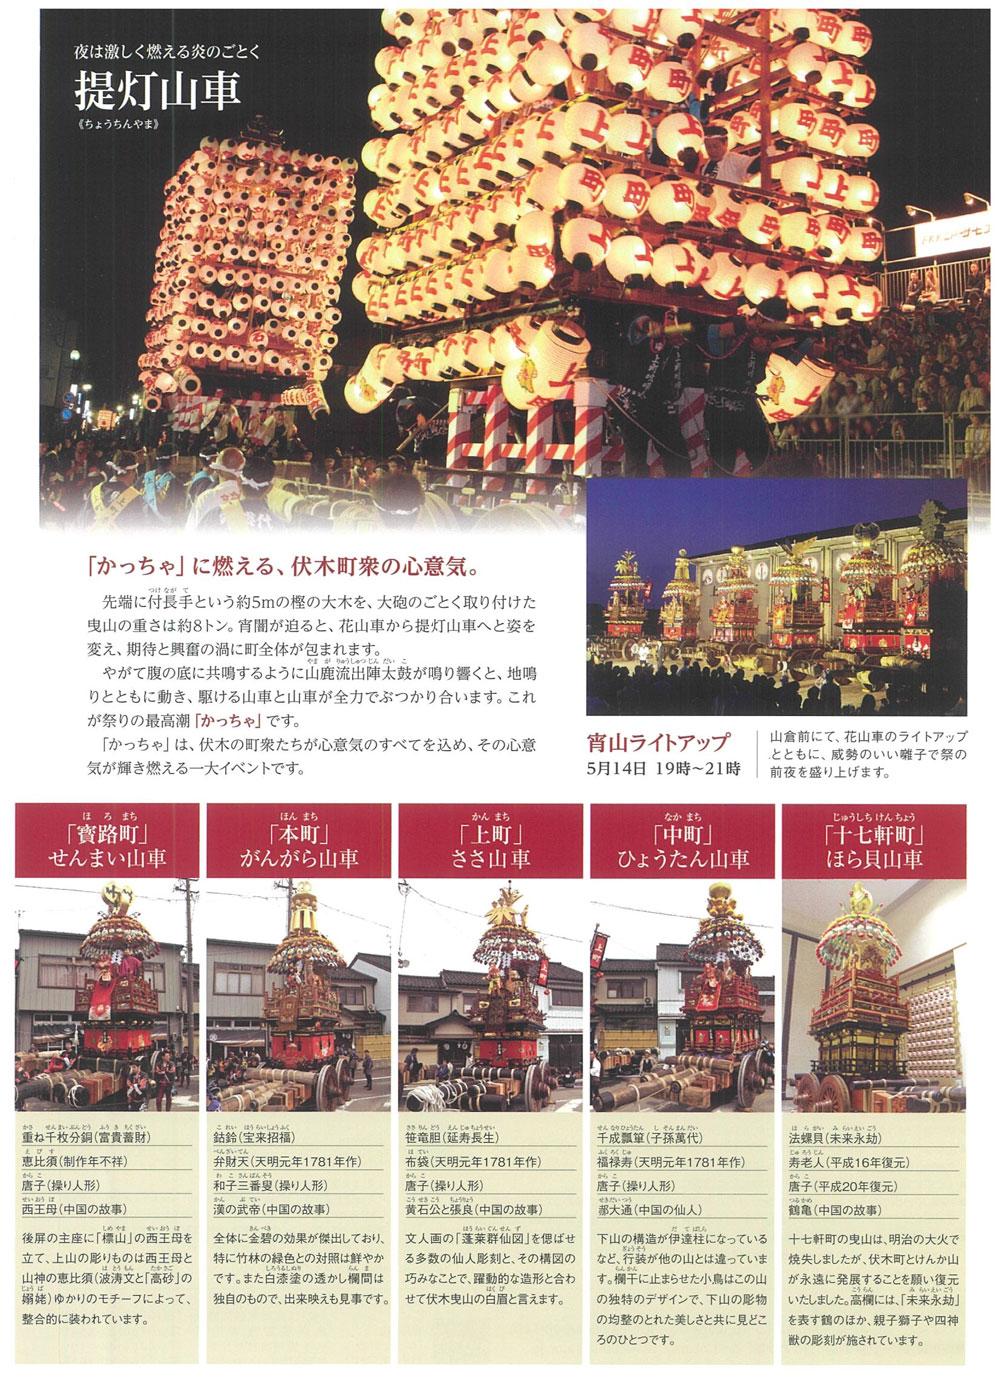 富山県の伏木曳山祭(ケンカ山)のパンフレット3